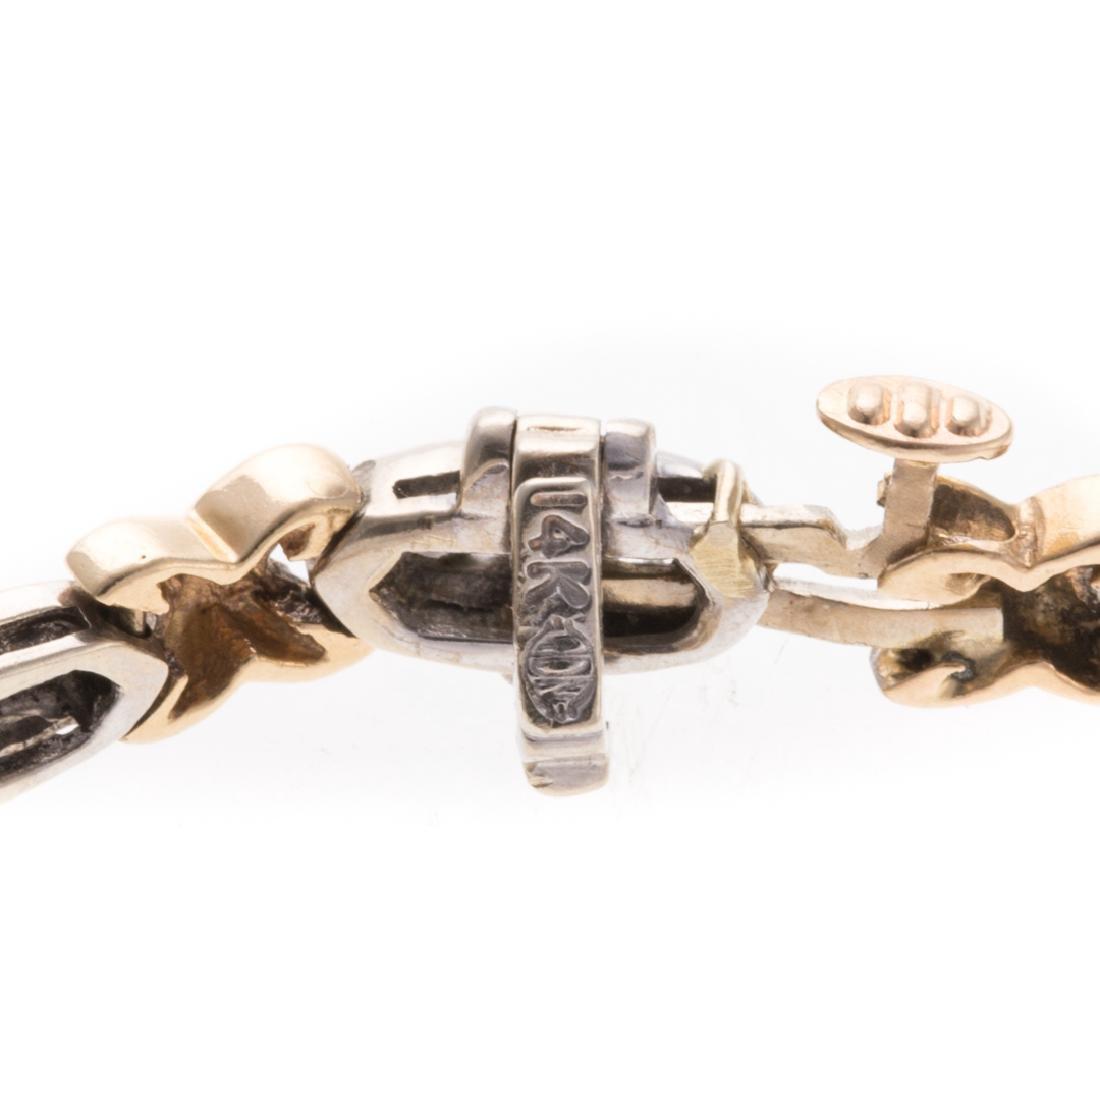 A Lady's Channel Set Diamond X Bracelet in 14K - 3